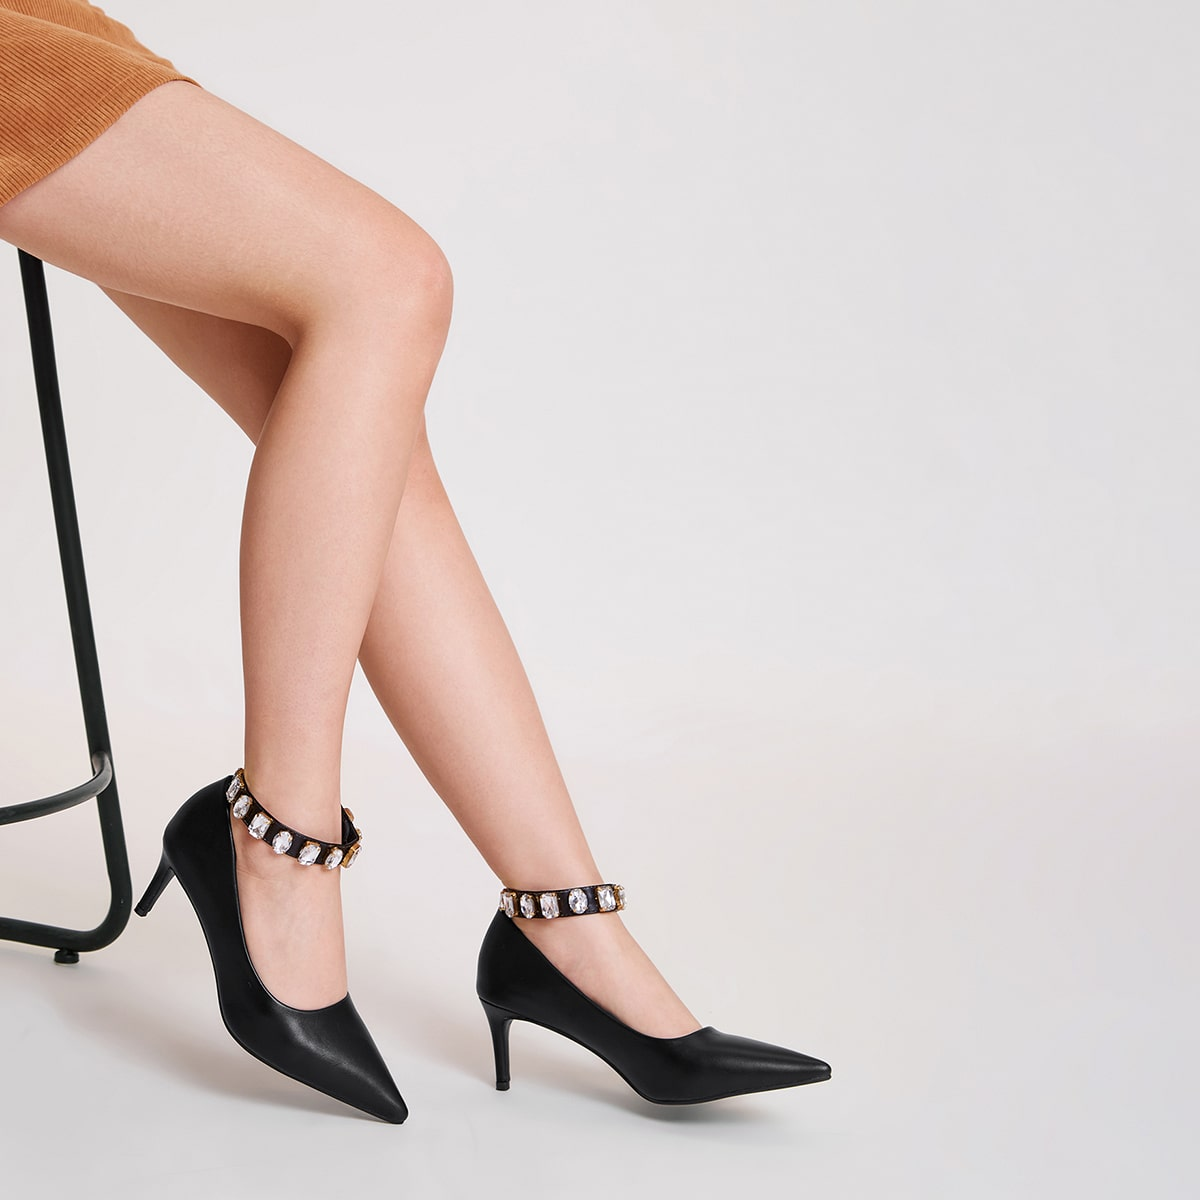 Остроконечные туфли на шпильках со стразами